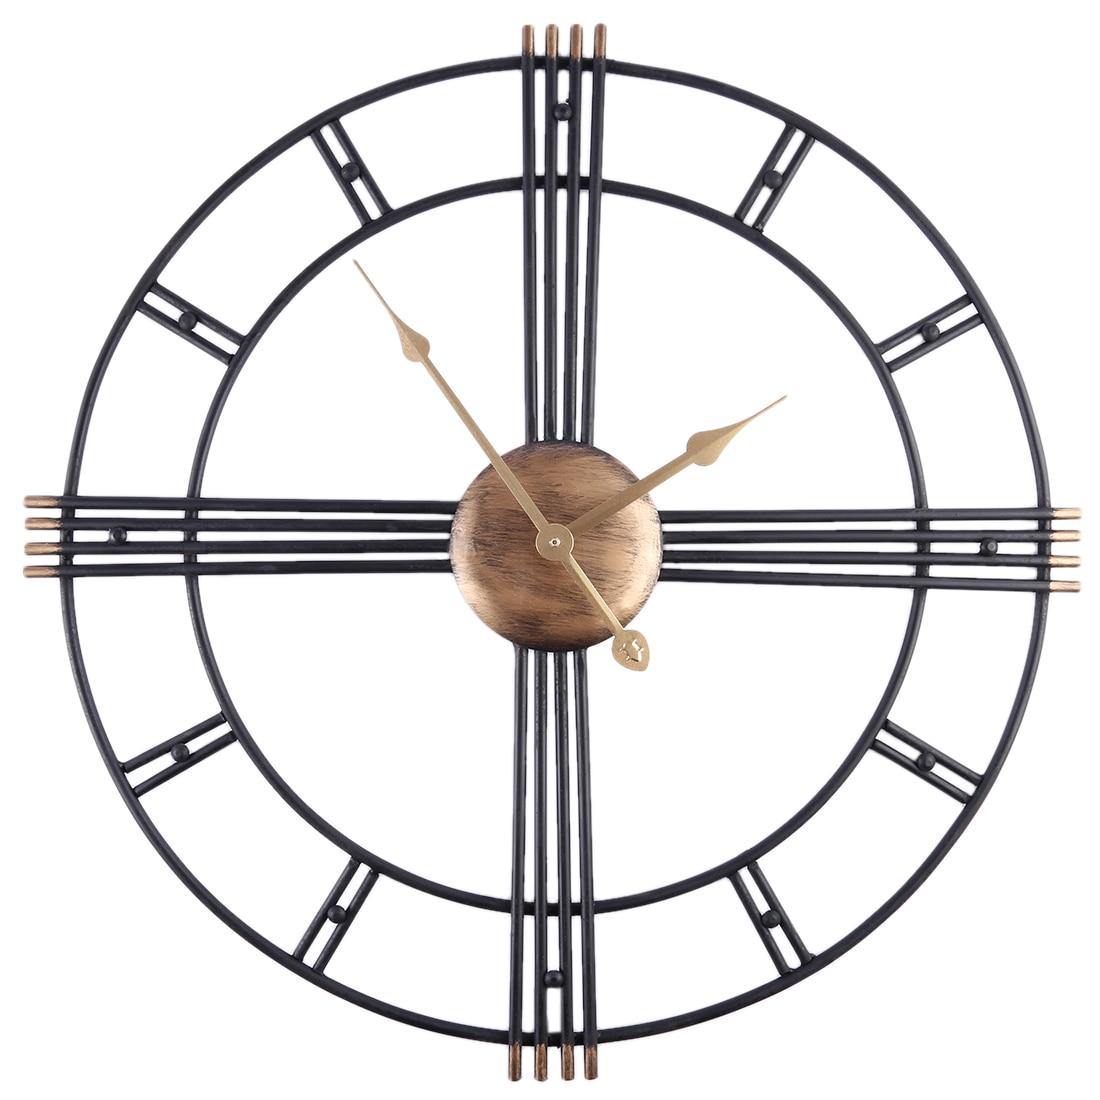 50 centímetros Retro Arte do Ferro Antiquing Mudo Relógios de Parede Decoração de Escritório Em Casa Em Silêncio Relógio de Quartzo Relógio Relógio de Parede Design Moderno nova Chegada